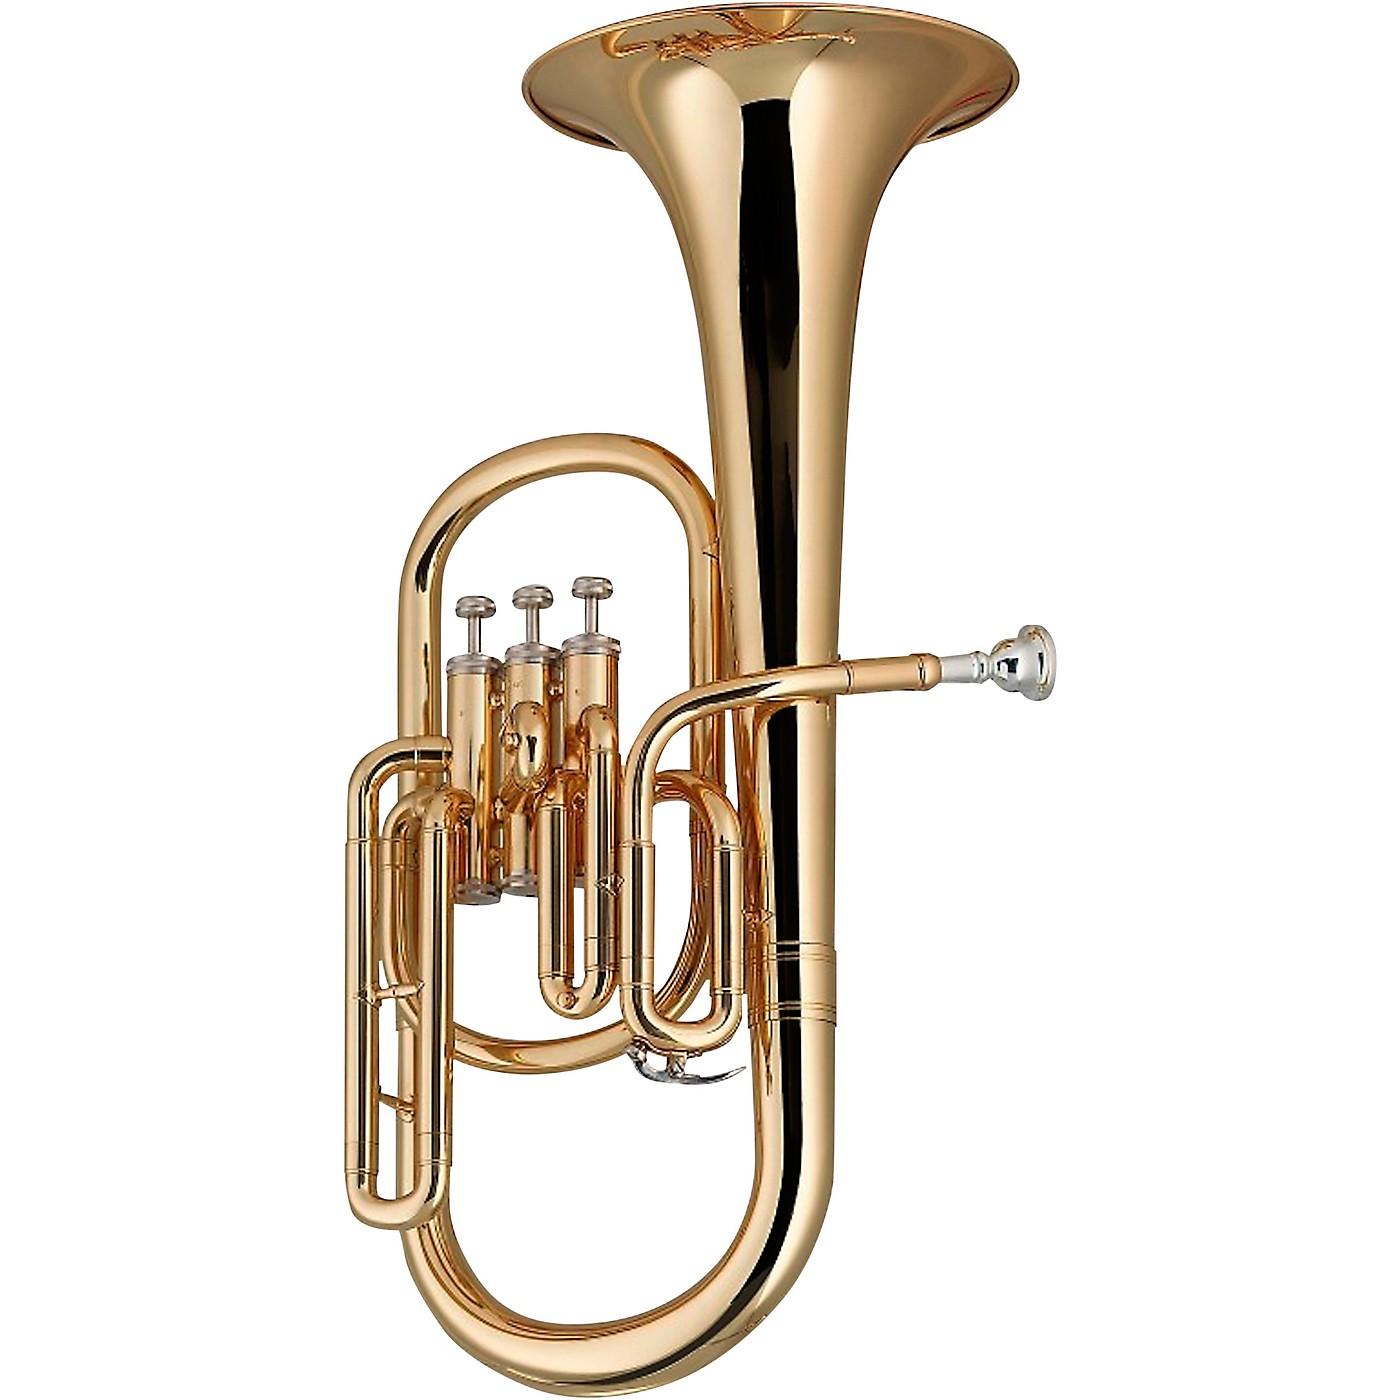 Stagg WS-AH235 Series Eb Alto Horn thumbnail